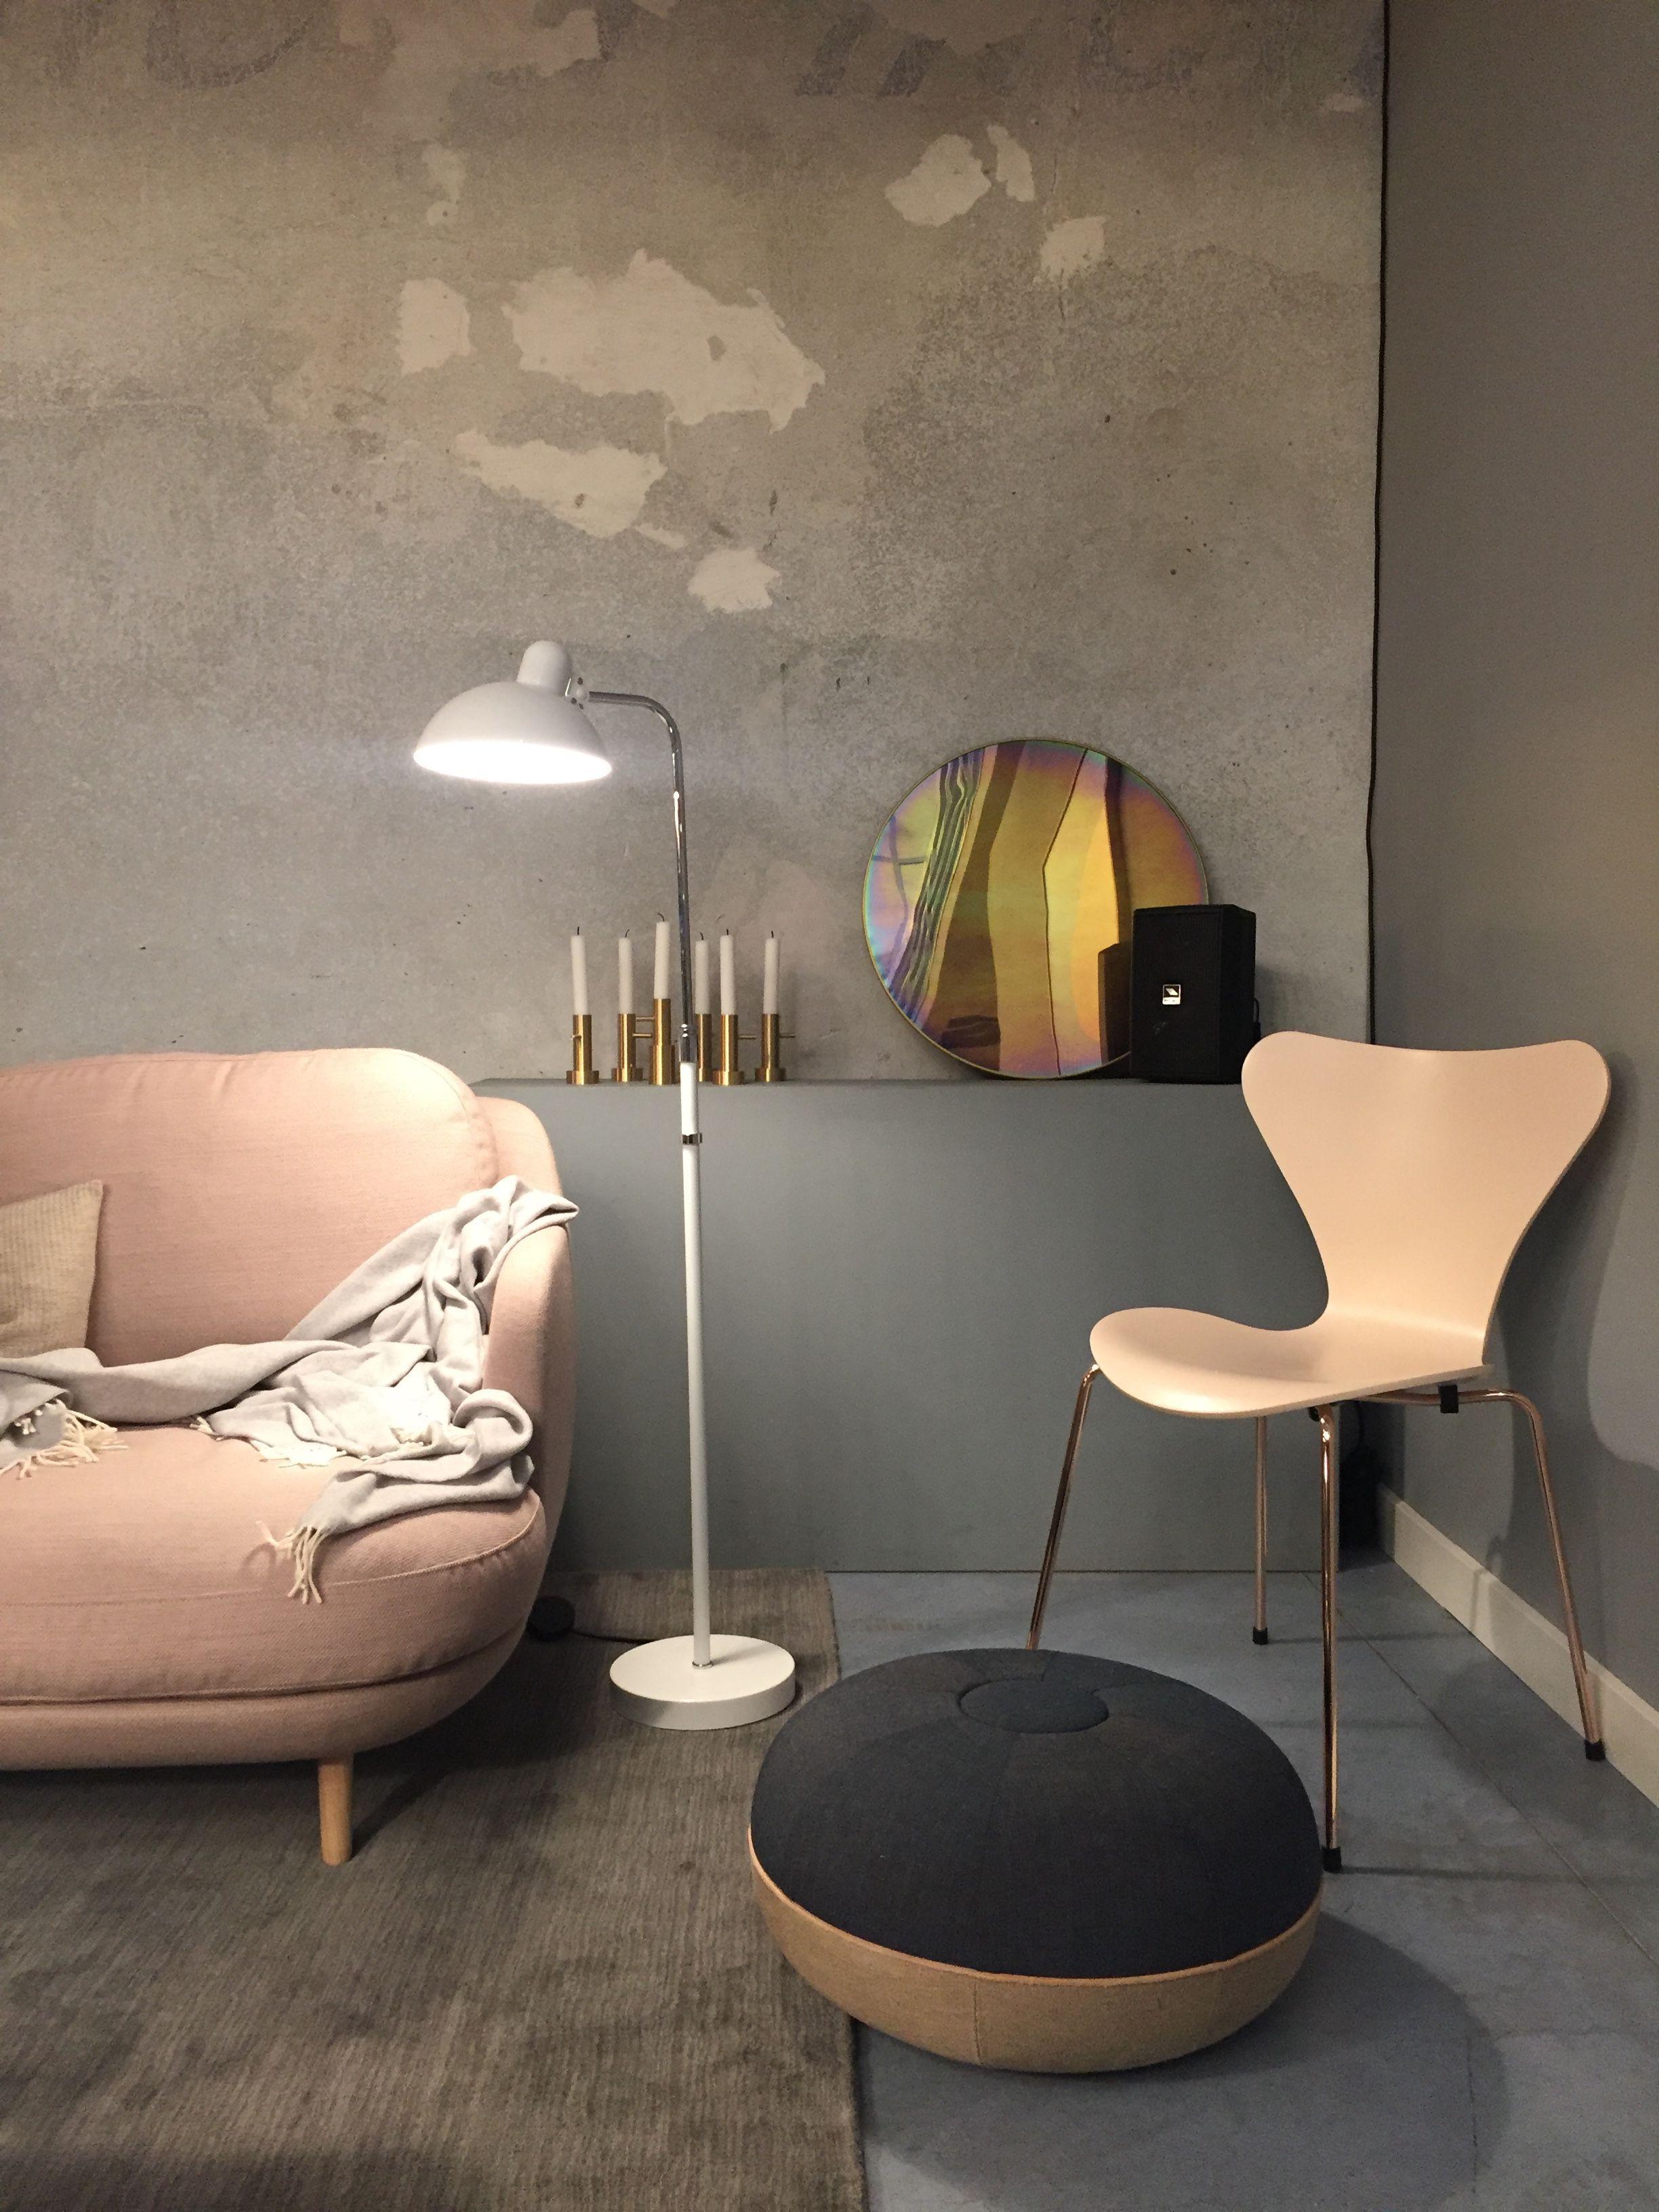 42 wohnzimmer lampen und leuchten und was die trends 2018 for Innenarchitektur trends 2018